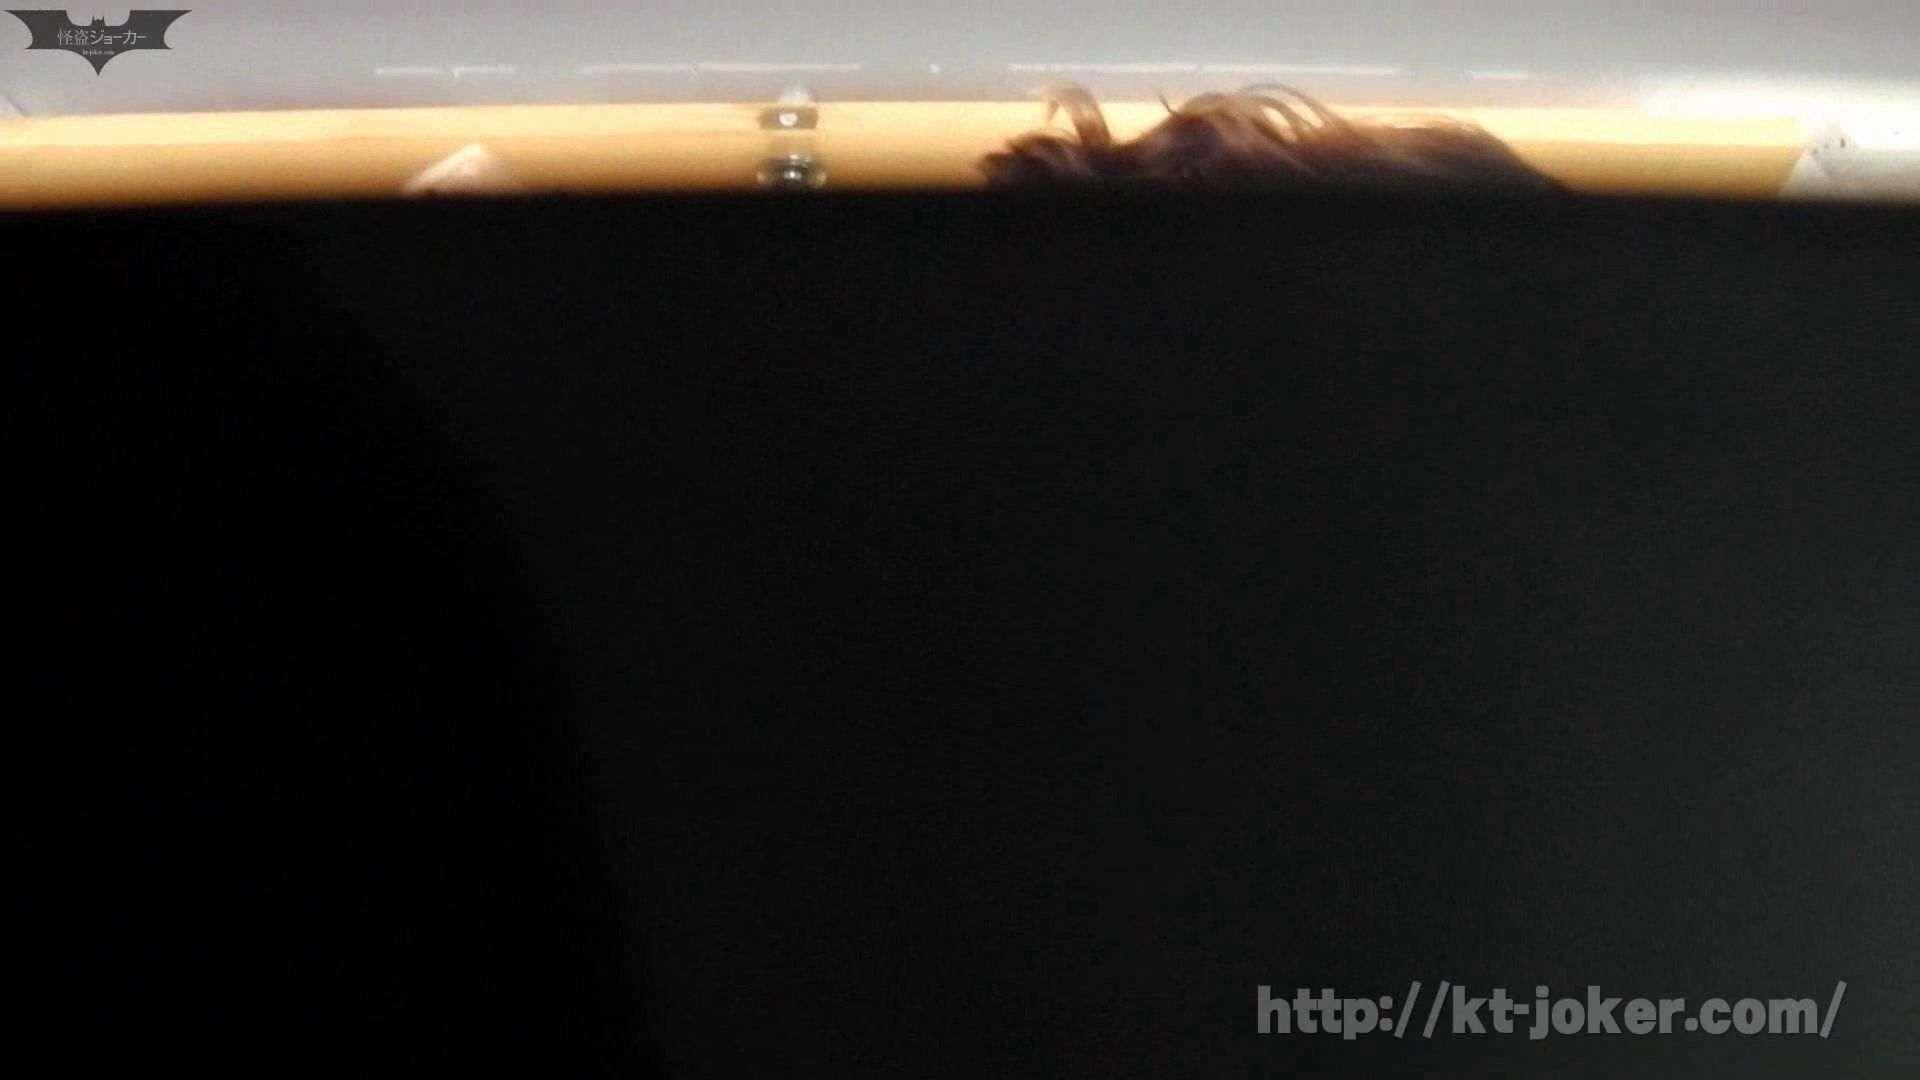 命がけ潜伏洗面所! vol.55 モデル級?「いやモデルだね!」な美女登場! 美女ヌード天国 AV動画キャプチャ 96PIX 13